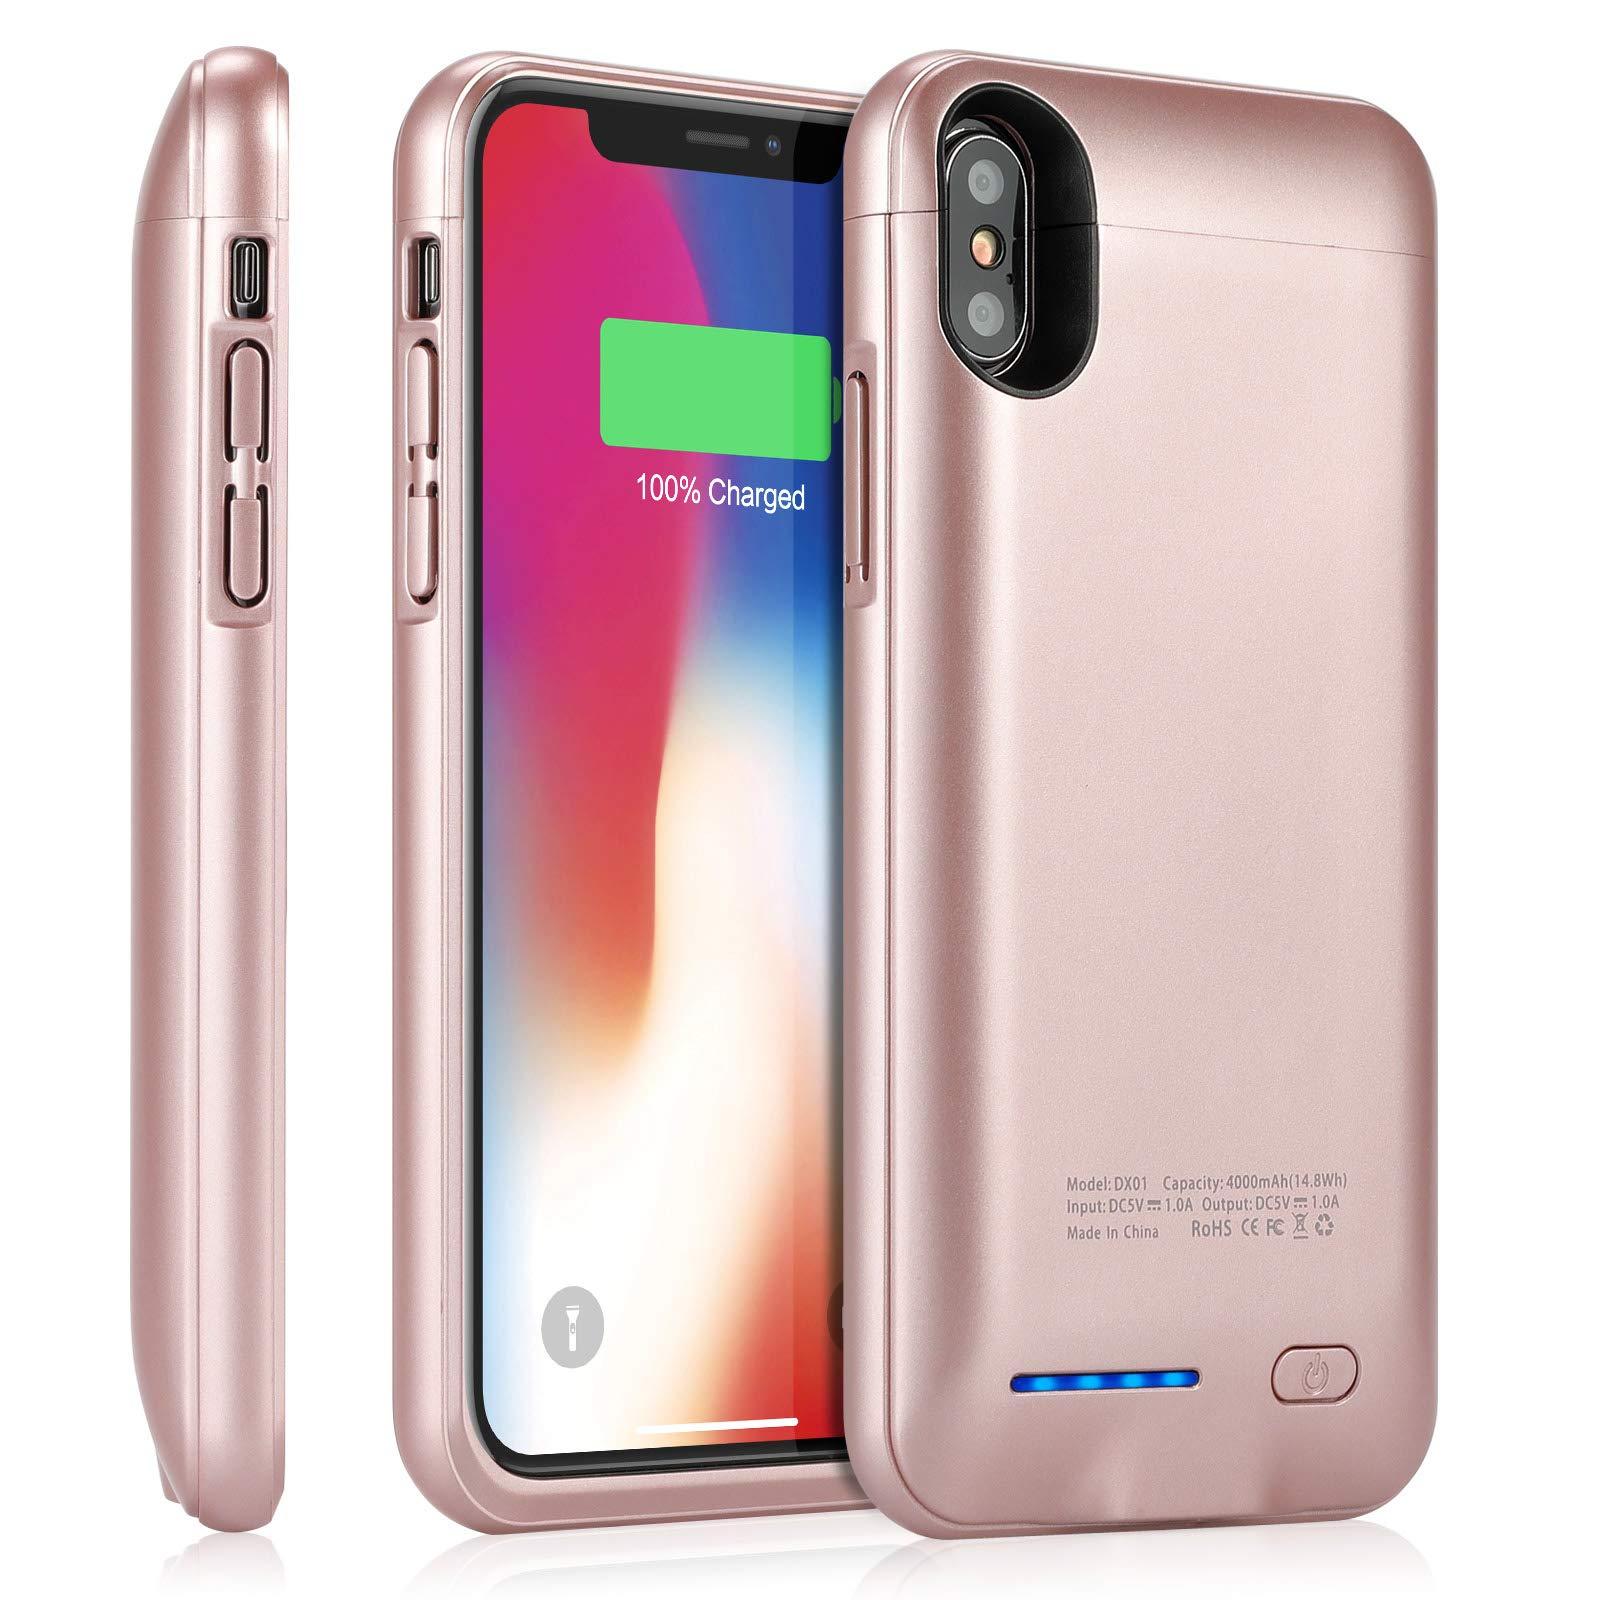 Funda Con Bateria de 4000mah para Apple Iphone X/Xs YISHDA [7RN7NT7W]